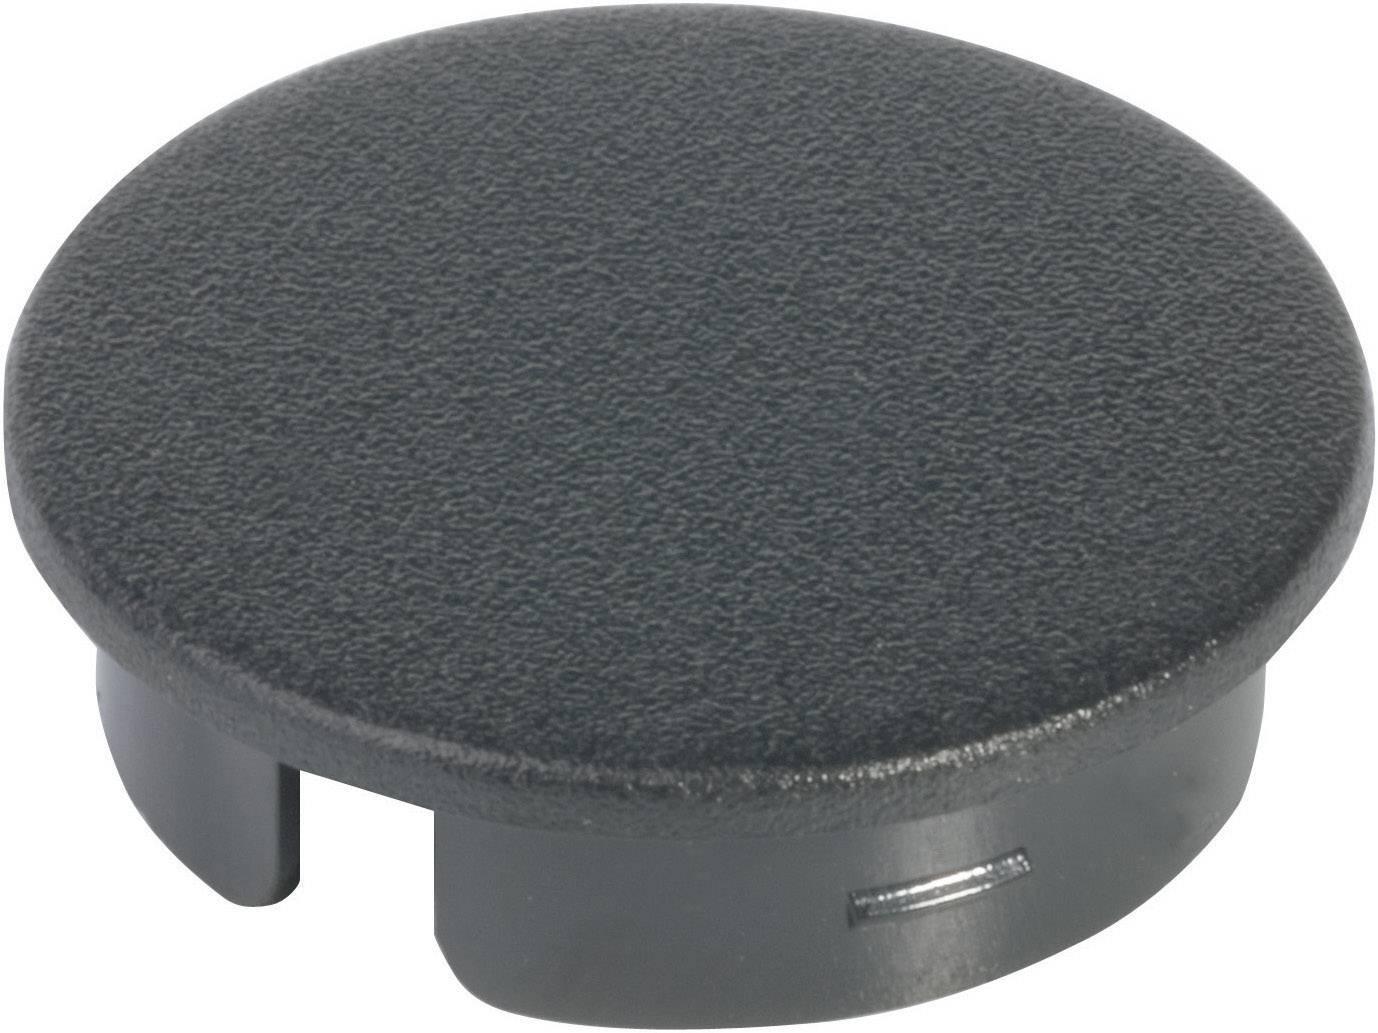 Krytka na otočný knoflík bez ukazatele OKW, pro knoflíky/O 20 mm, černá